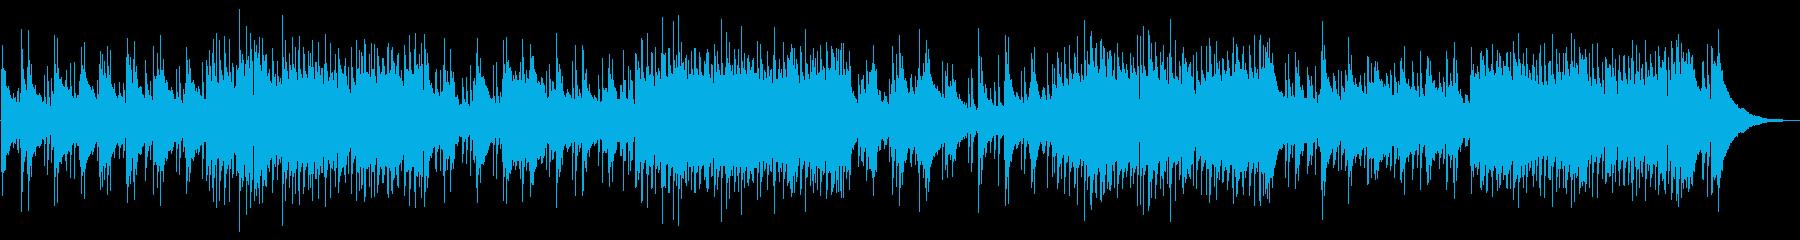 懐かしいイメージのポップバラードの再生済みの波形